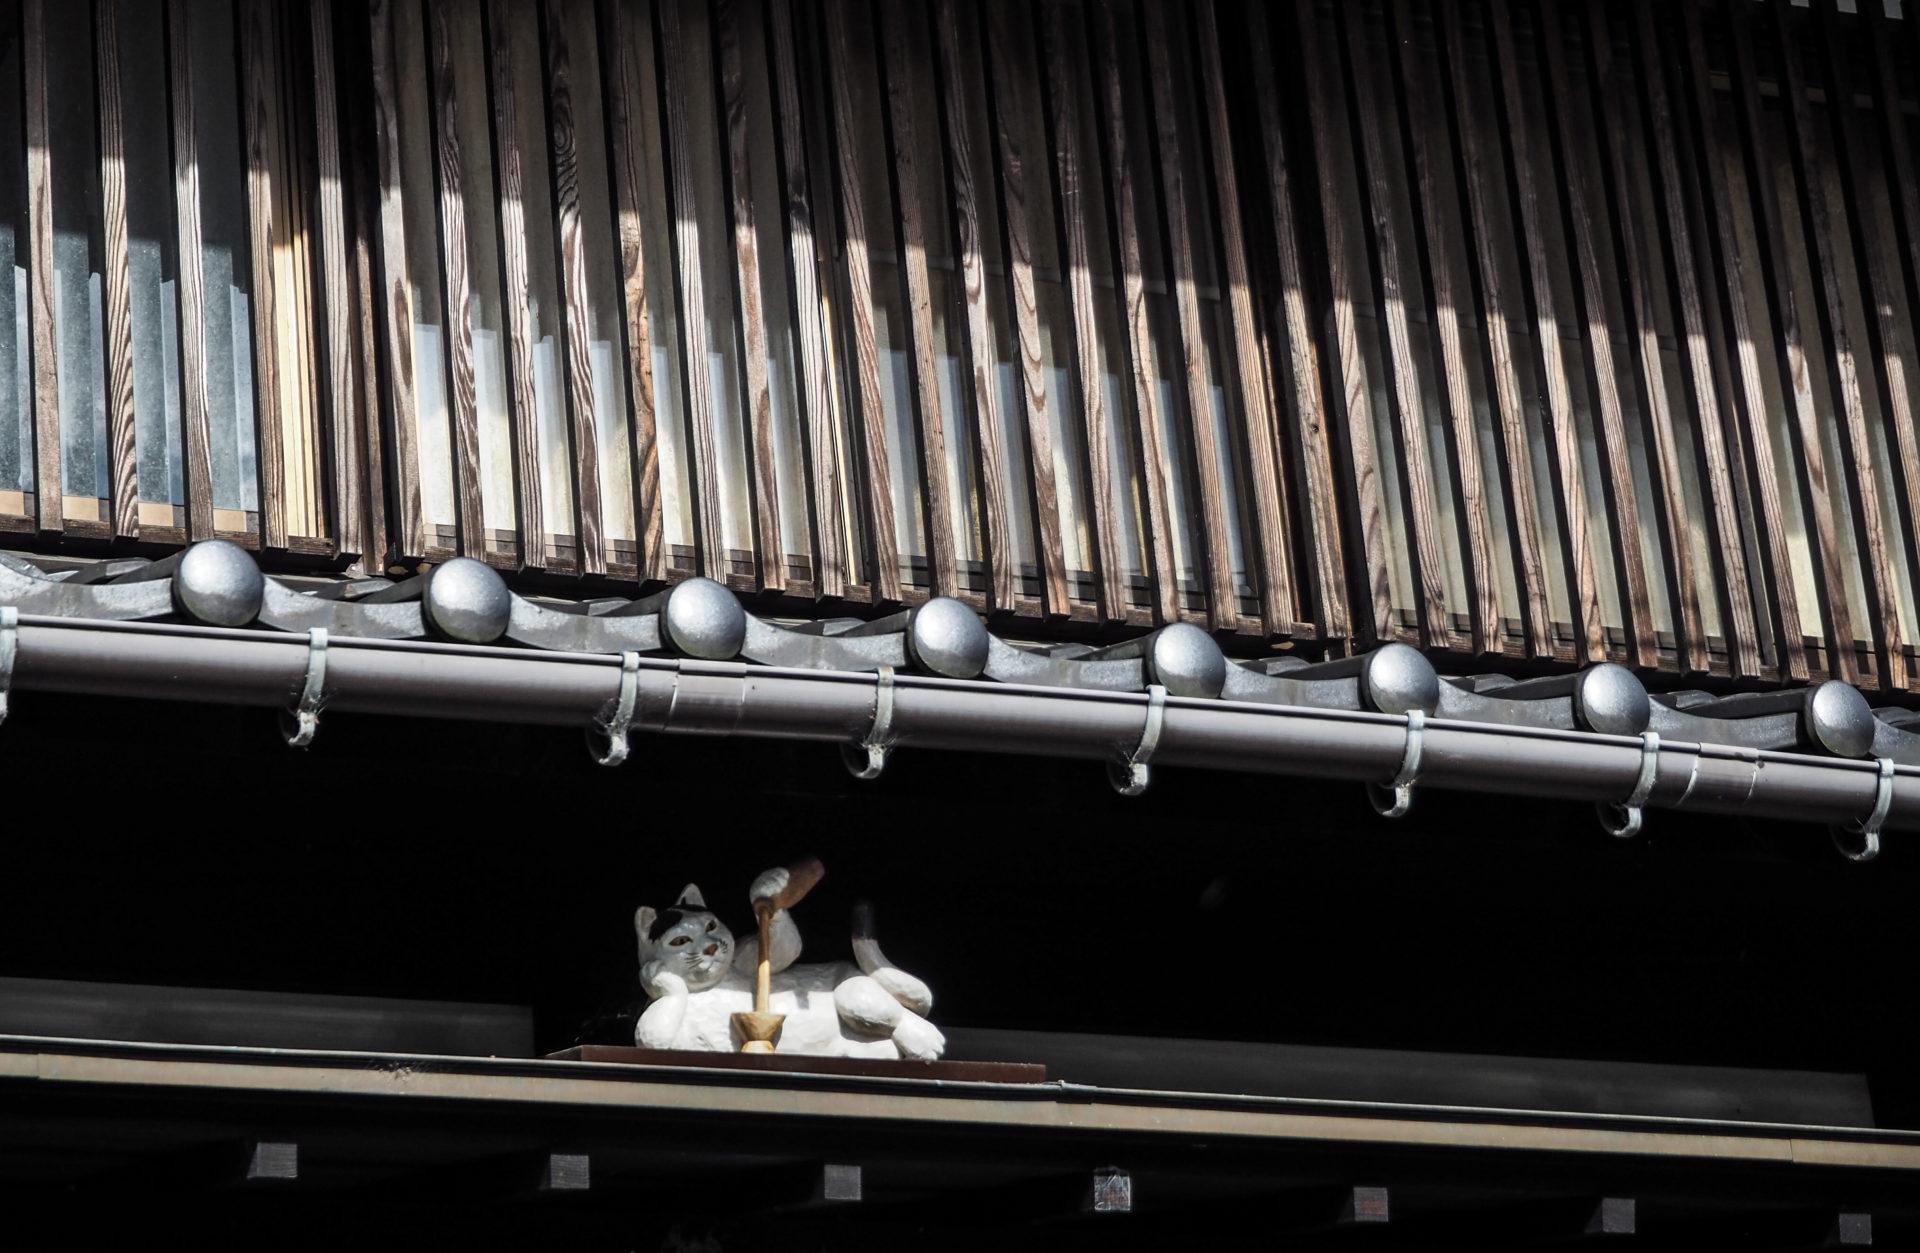 Chat sculpté à Inami, la ville du vent et du bois à Toyama - Préfecture de Toyama, porte d'entrée vers les Alpes Japonaises - Voyager au Japon hors des sentiers battus